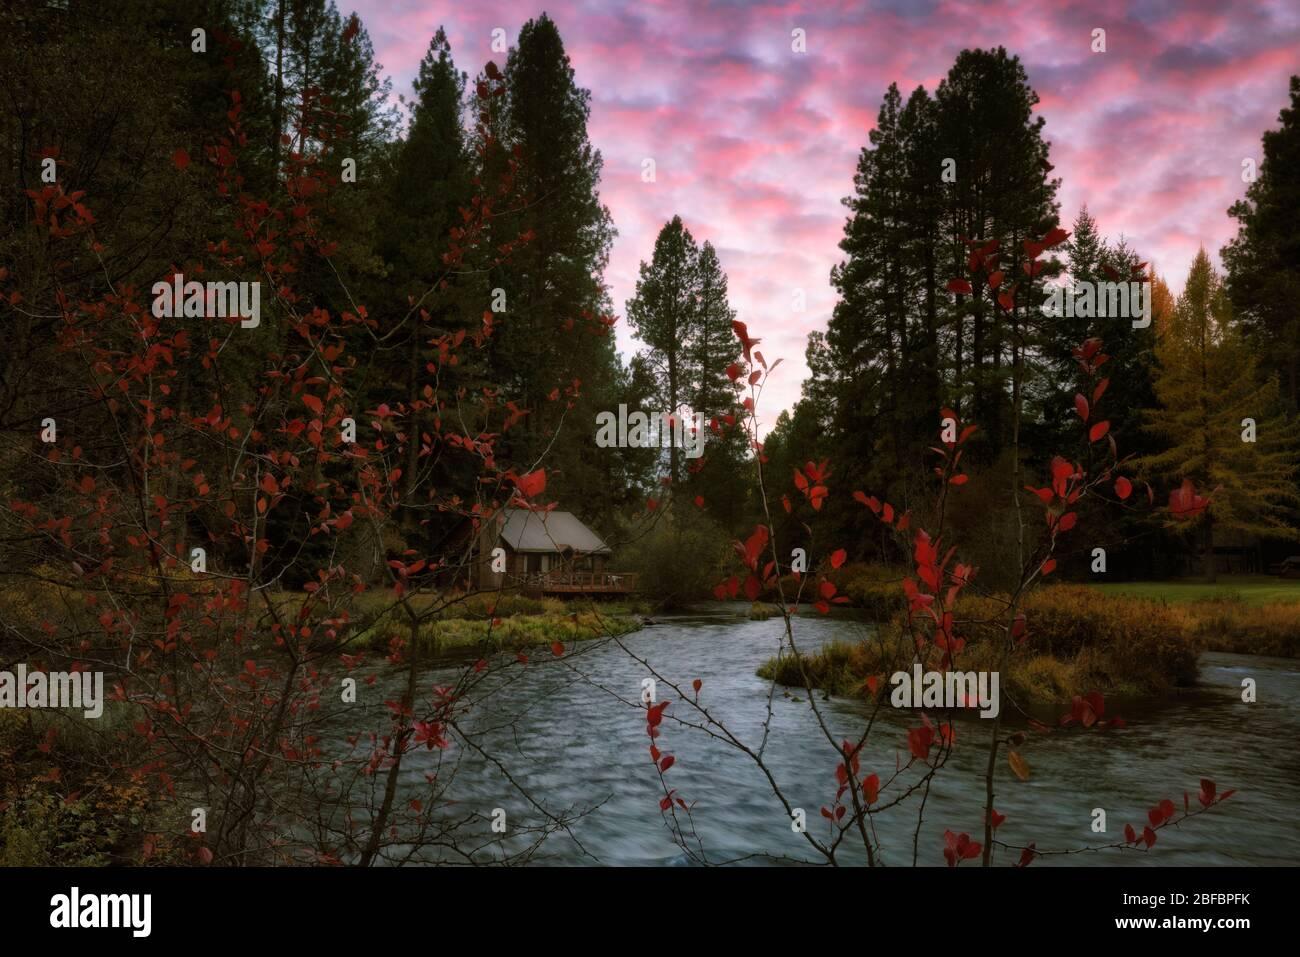 Coucher de soleil d'automne sur la rivière Metolius au Camp Sherman dans le comté de Jefferson, dans le centre de l'Oregon. Banque D'Images